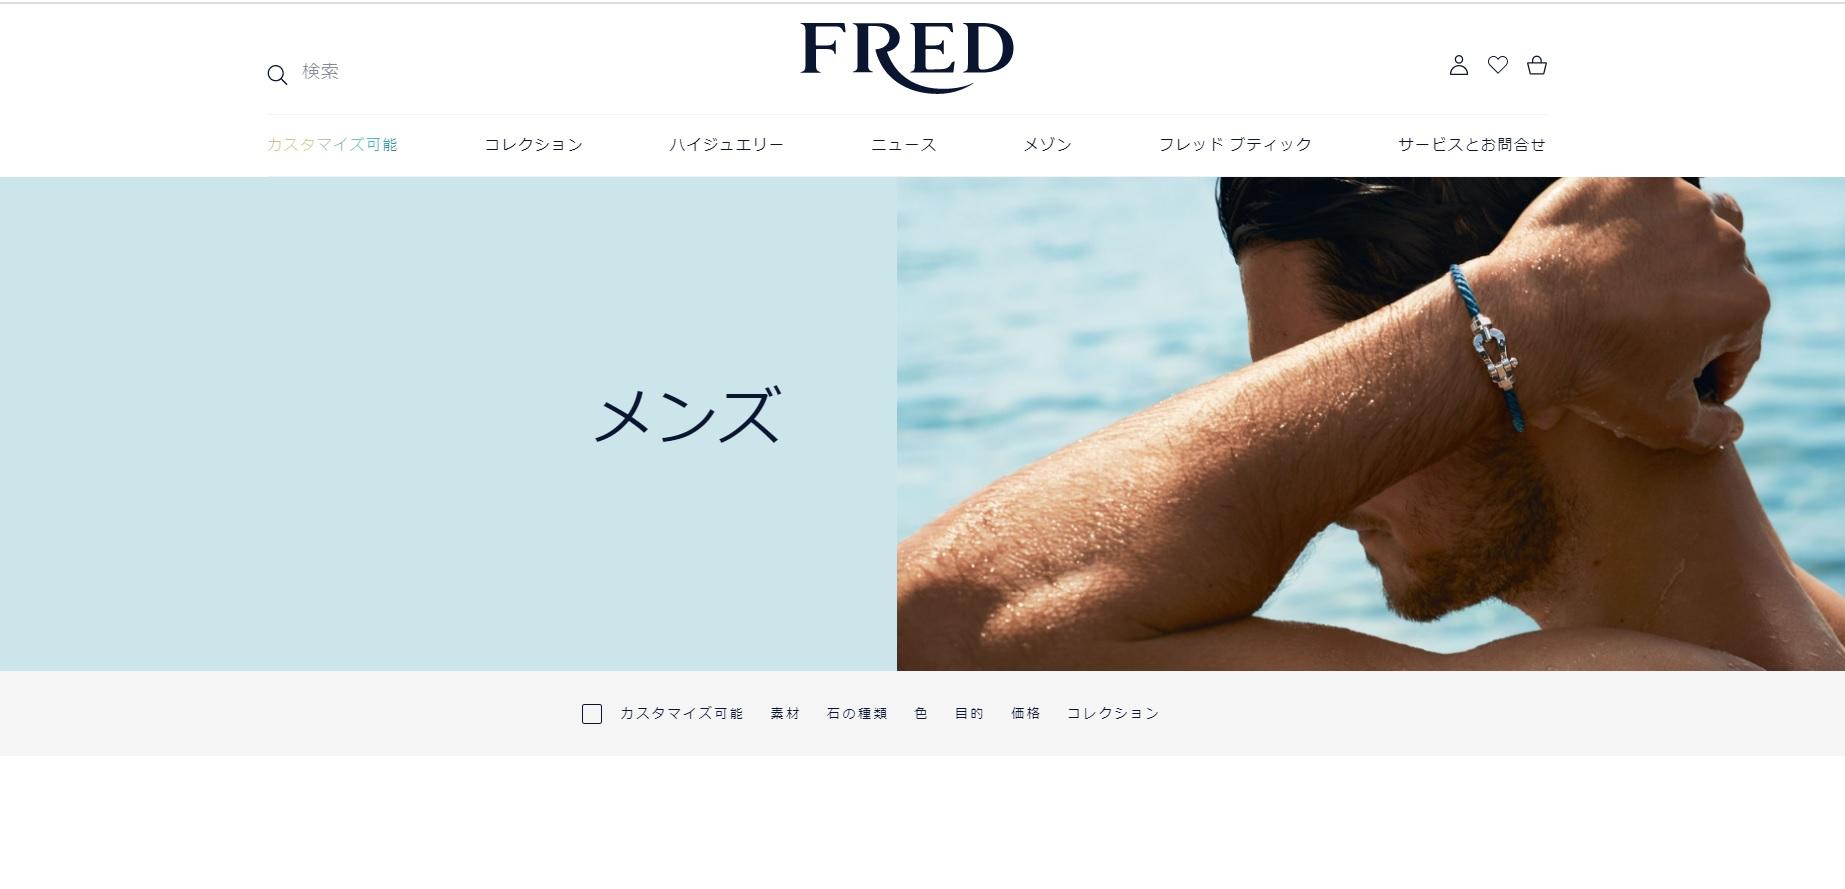 FRED公式サイト